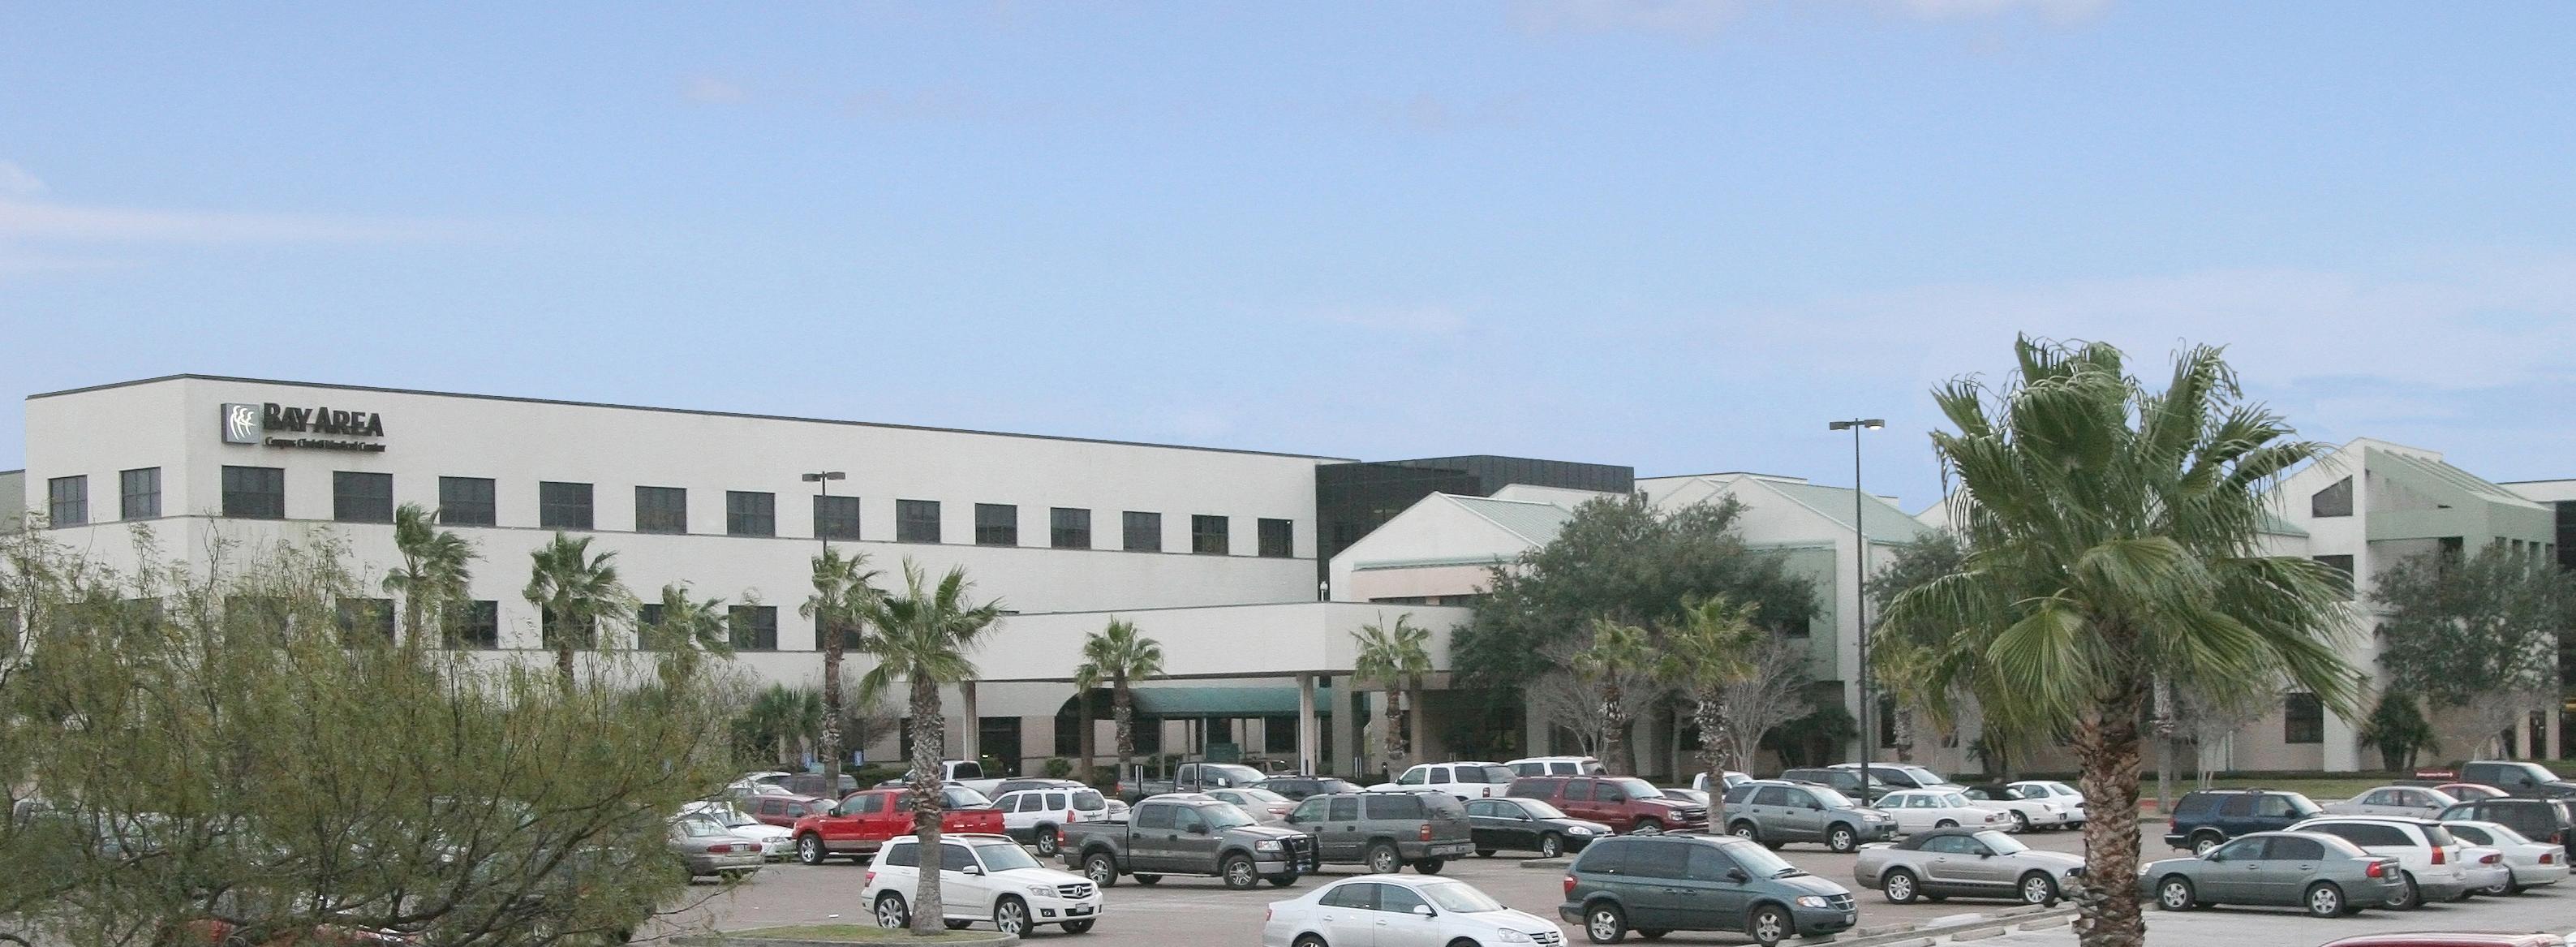 Bay Area Hospital Corpus Christi Medical Center 7101 S